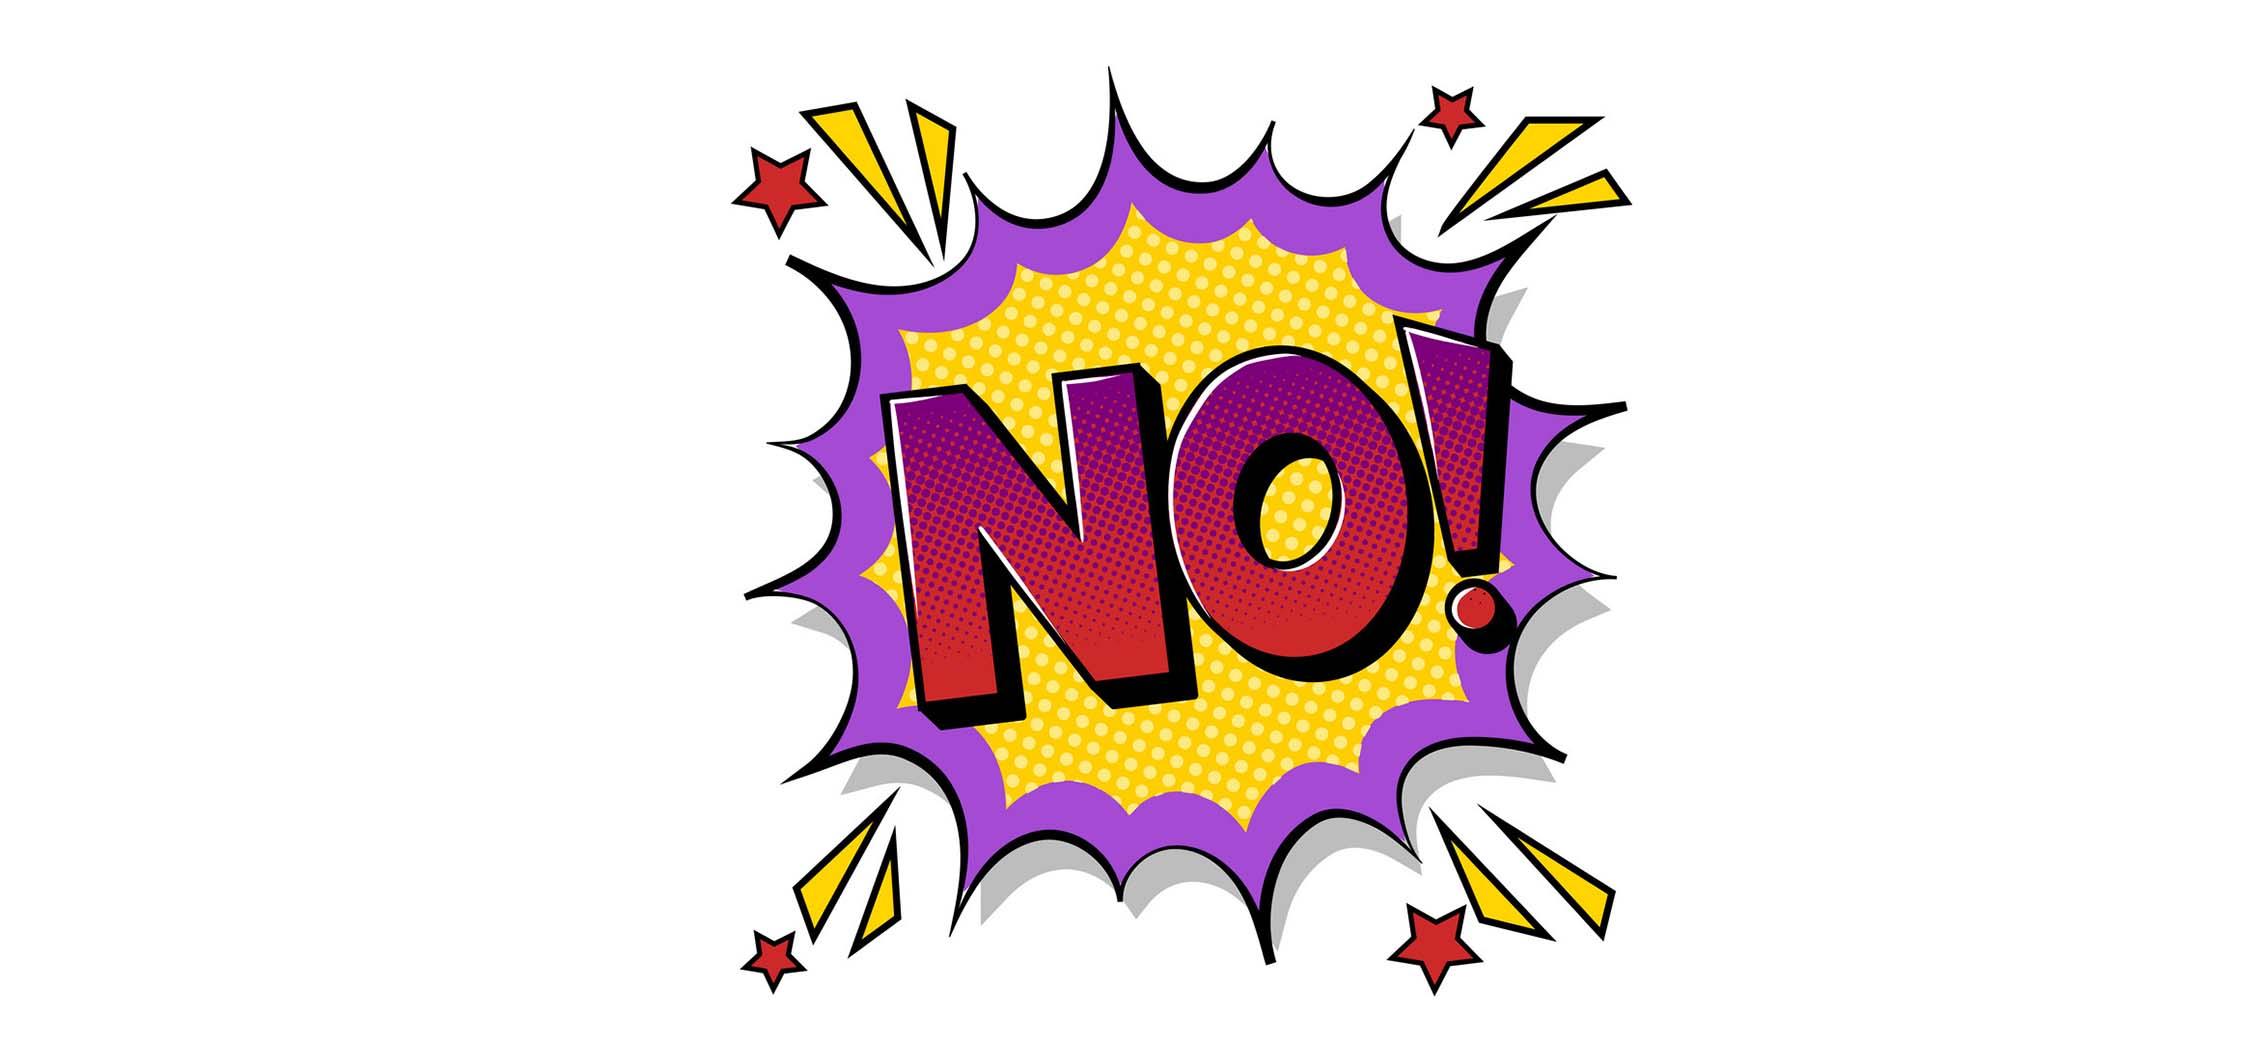 Referendum riduzione parlamentari: vota NO